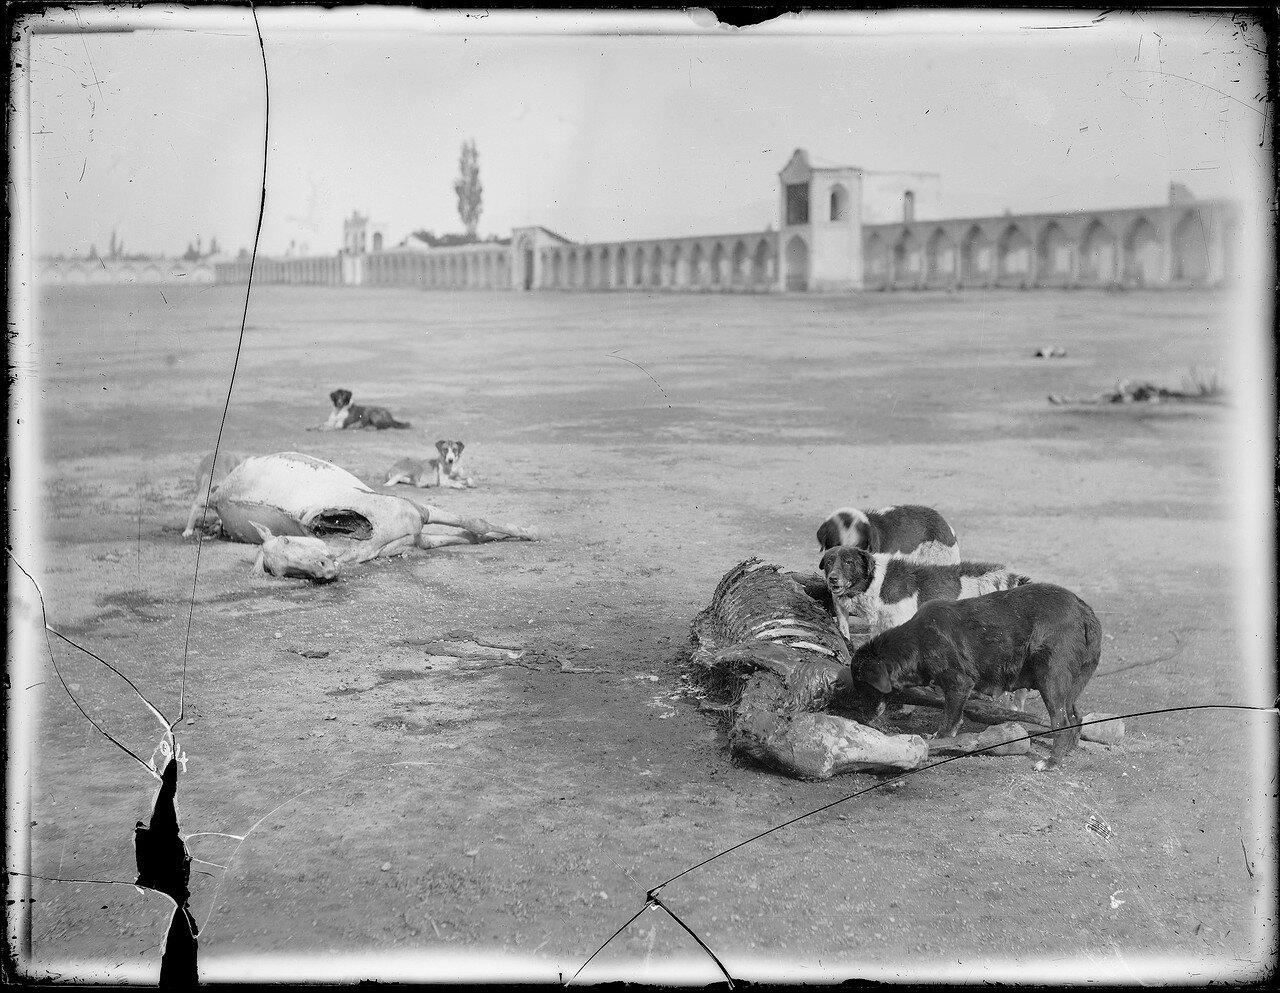 Тегеран. Мертвая лошадь на центральной городской площади